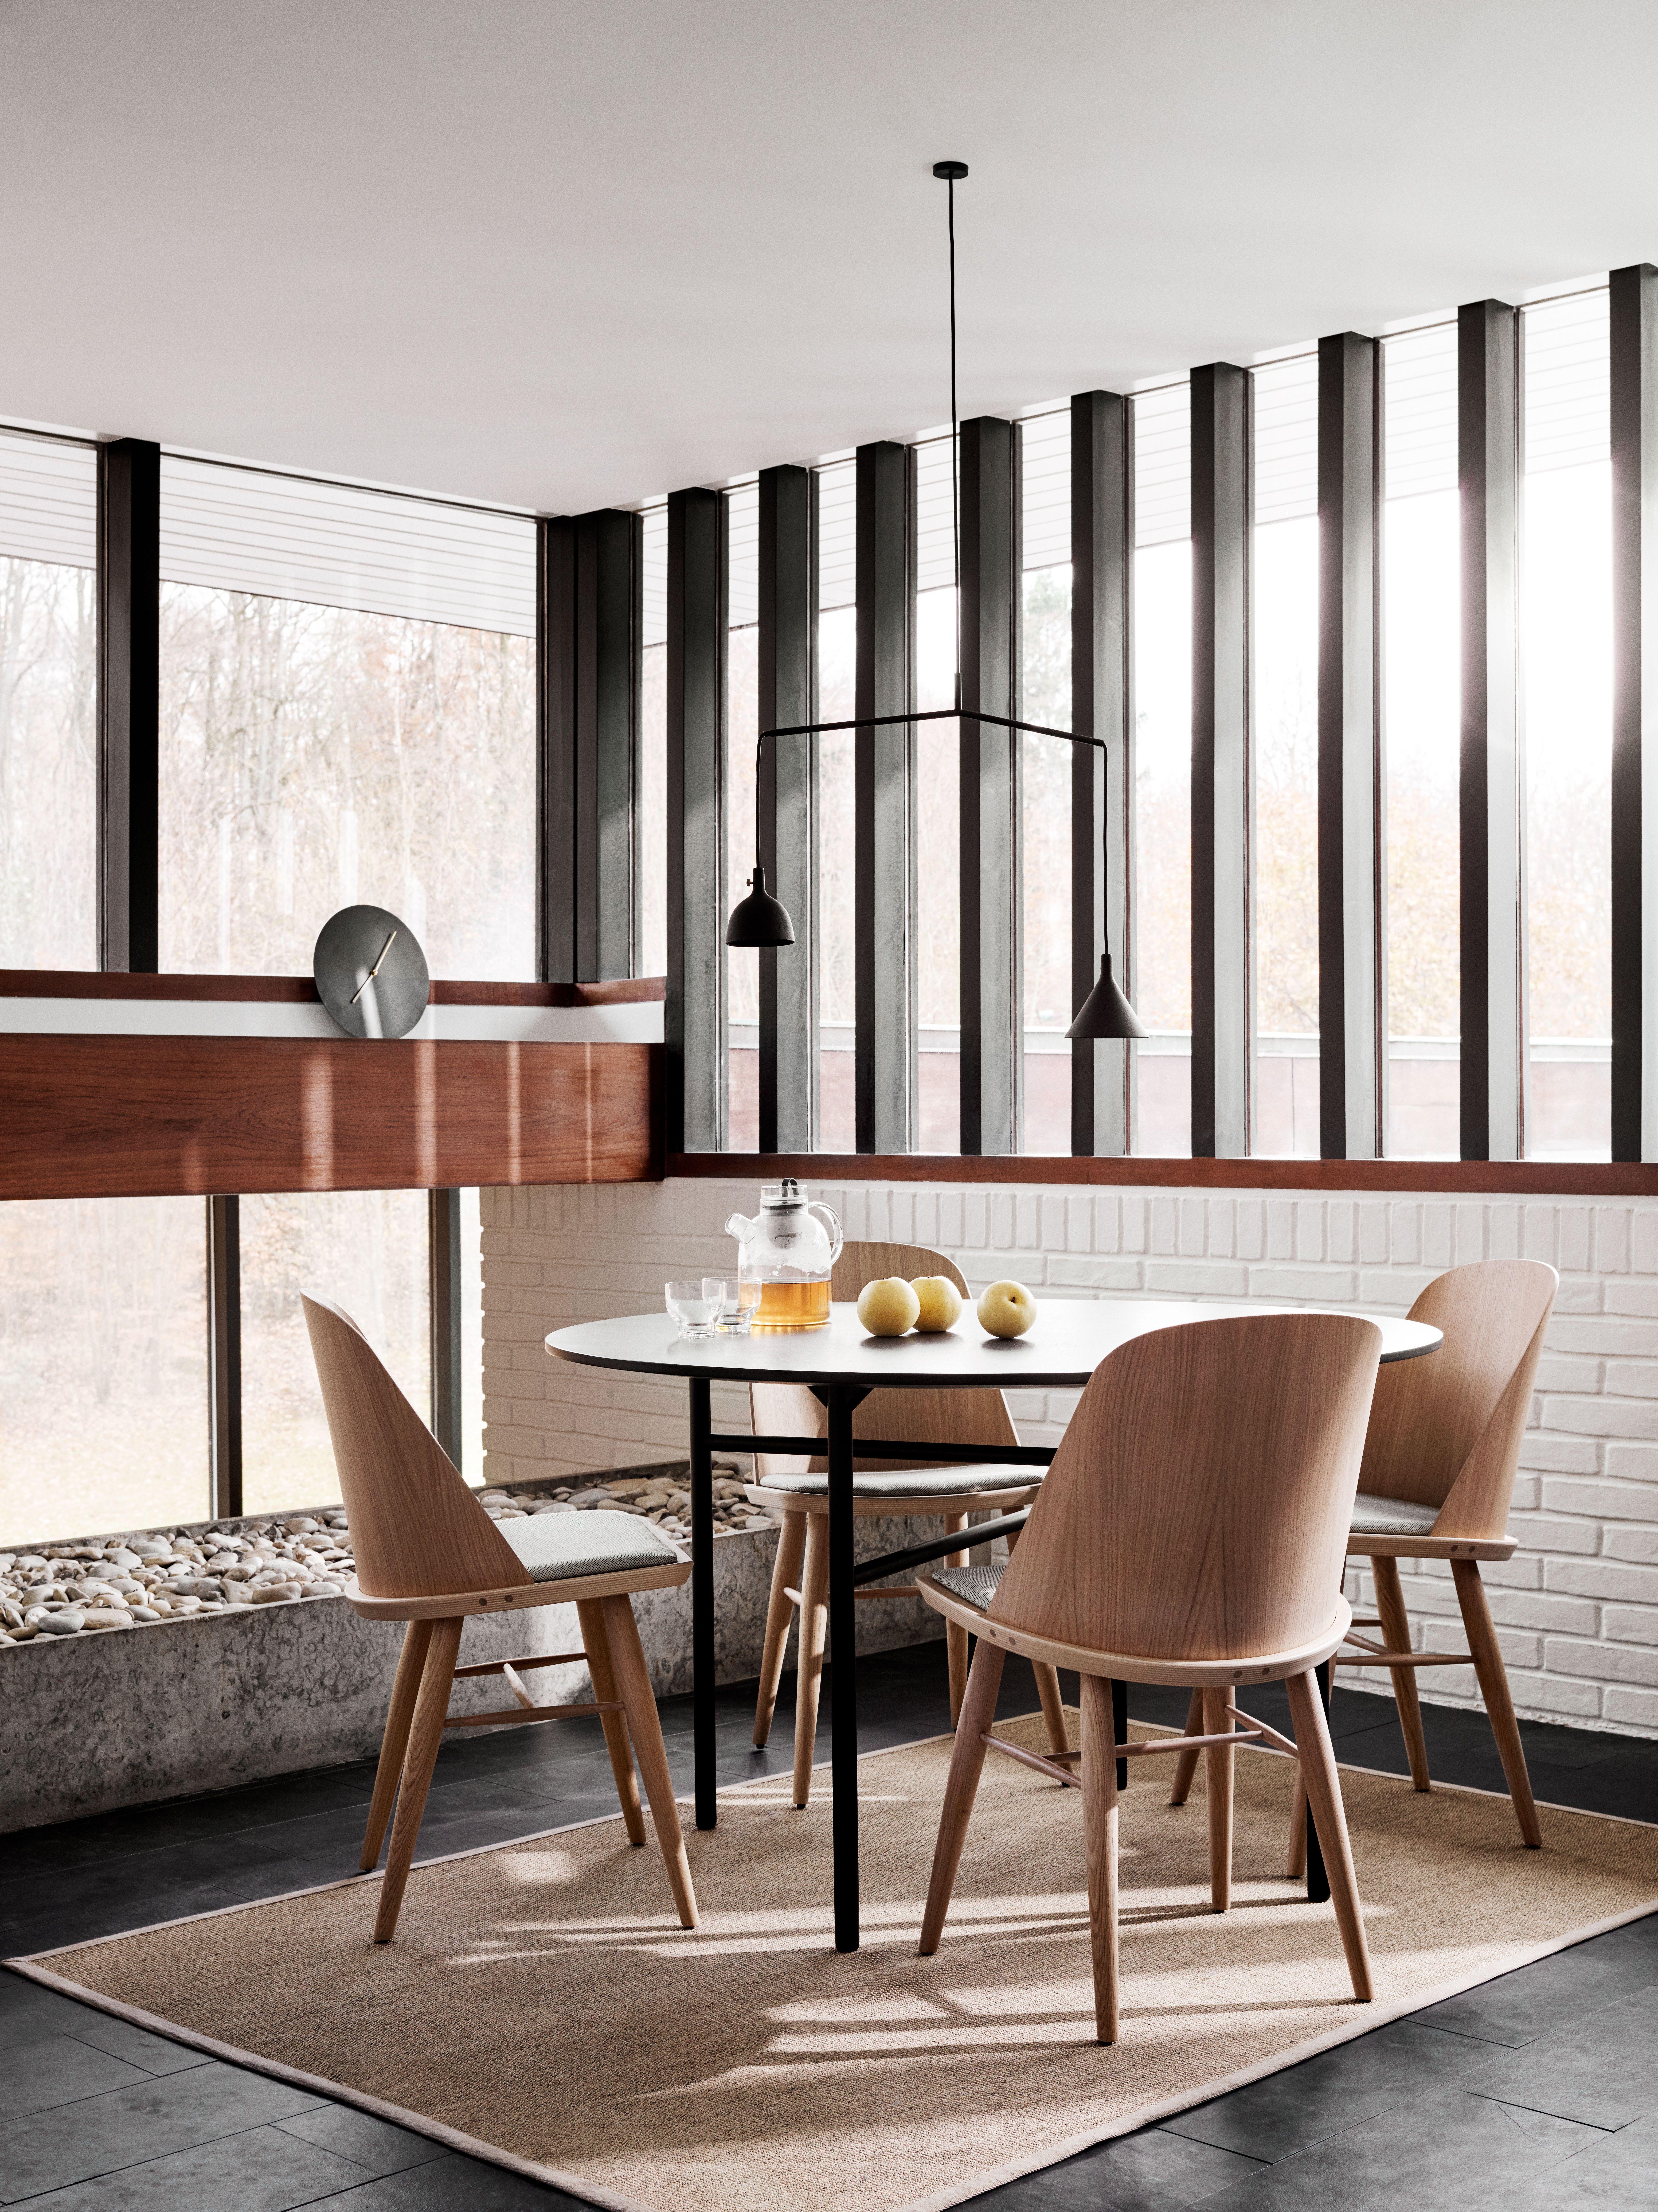 Den Tisch benannten die Designer von Norm Architects nach